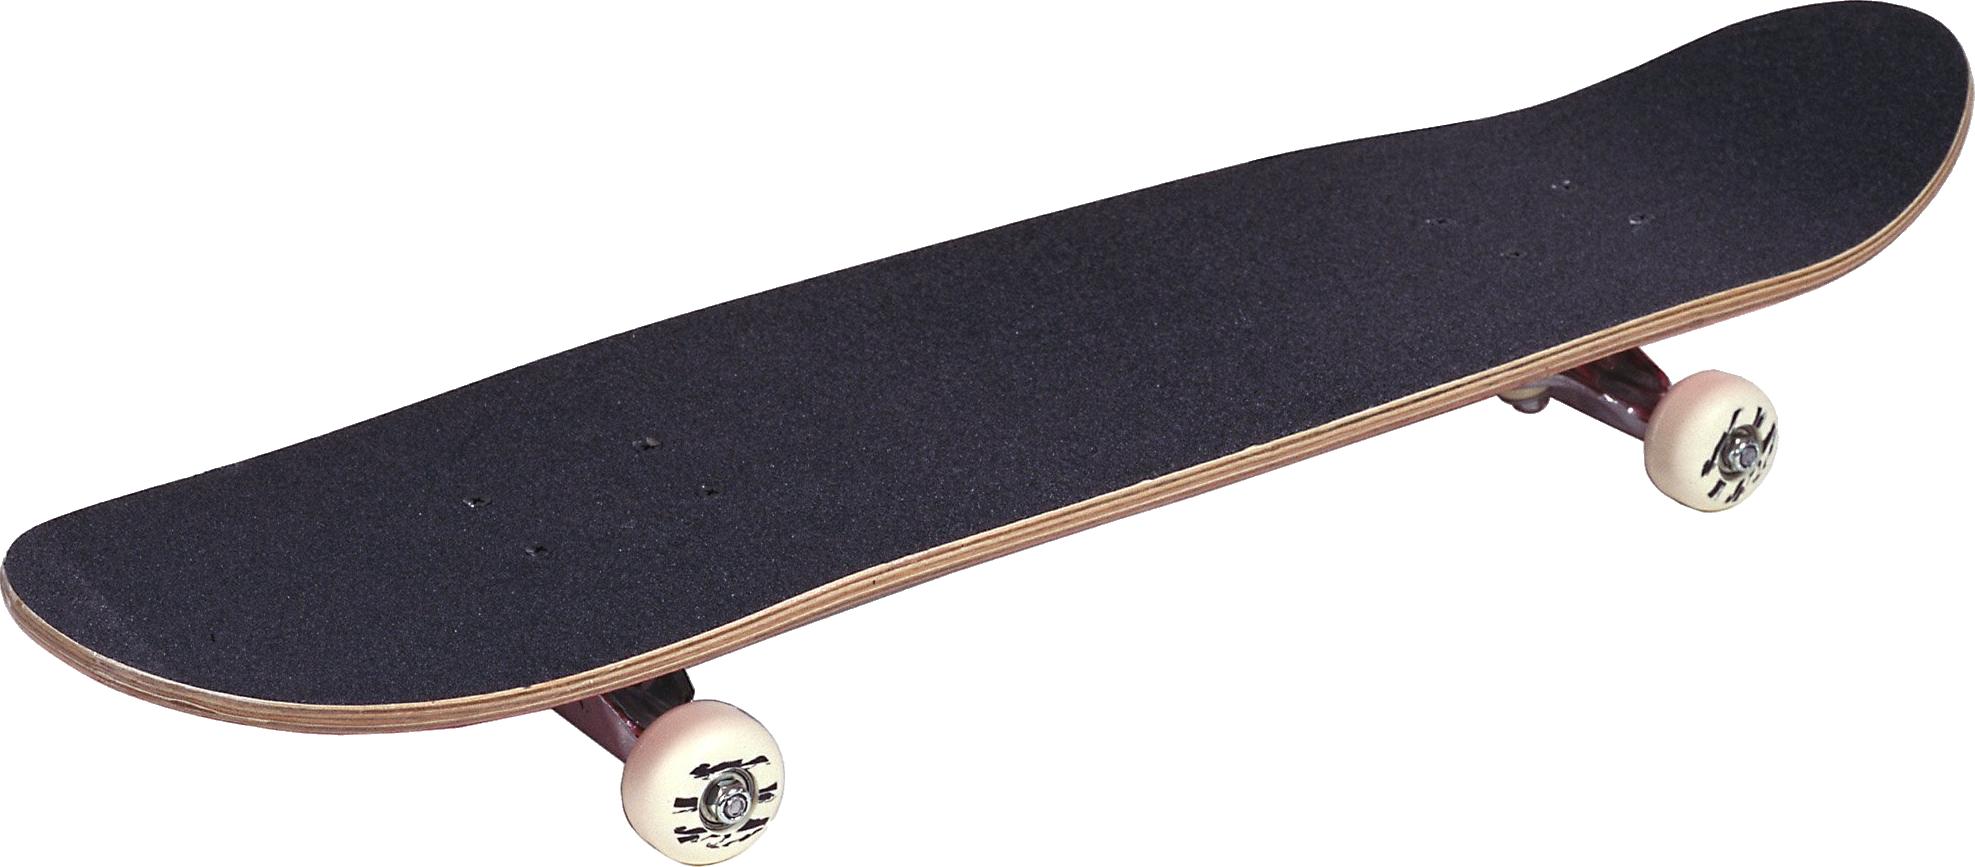 Skateboard PNG image - Skateboard HD PNG